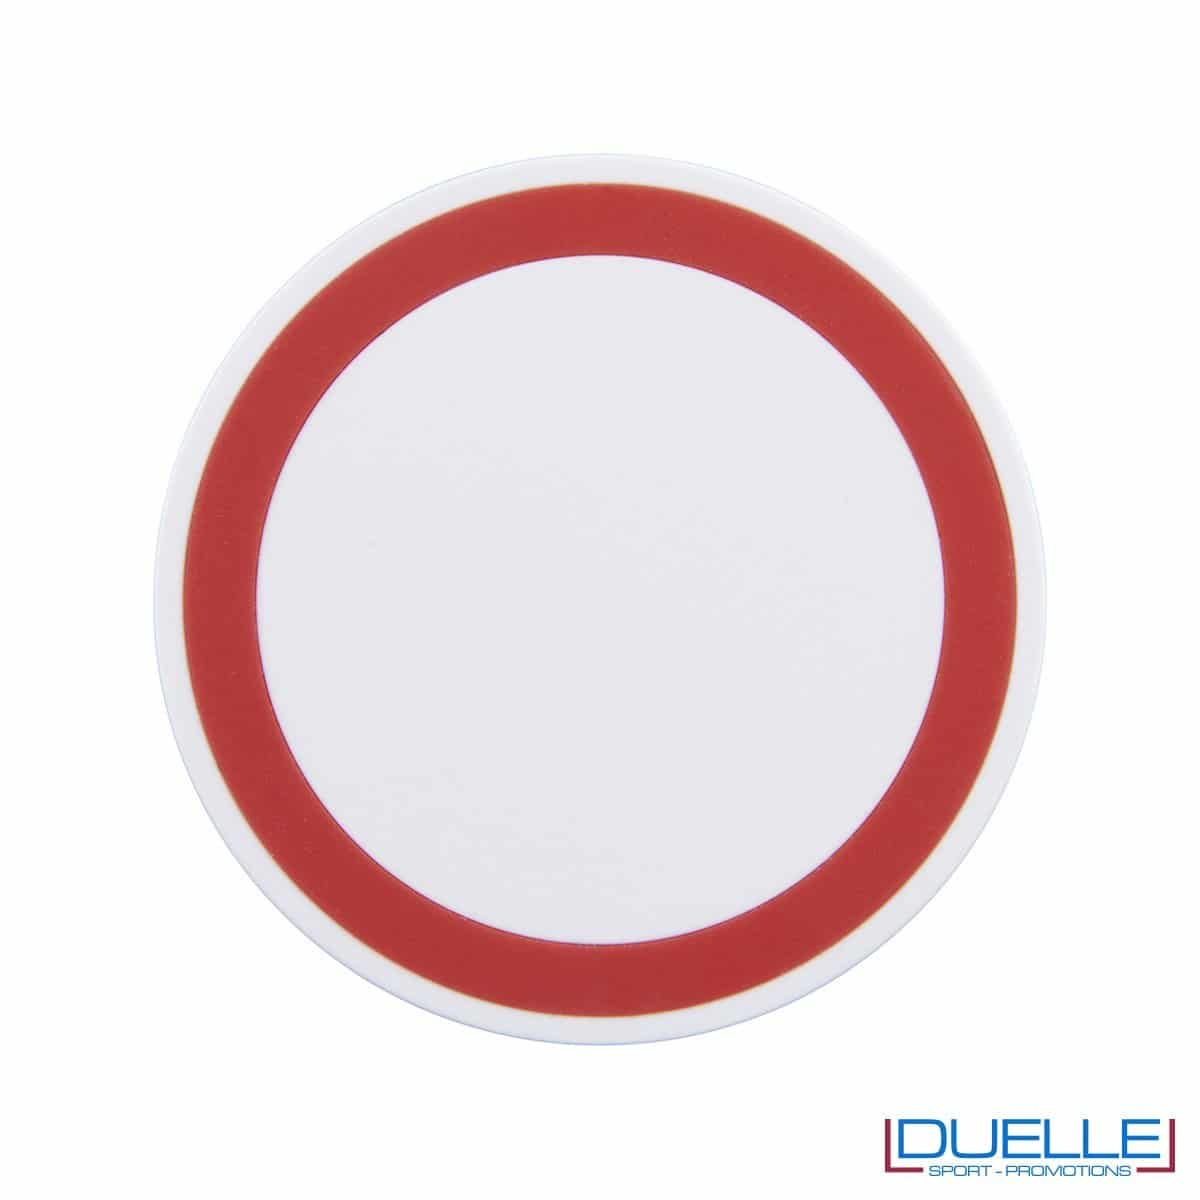 Base di ricarica wireless personalizzabile per smartphone rosso